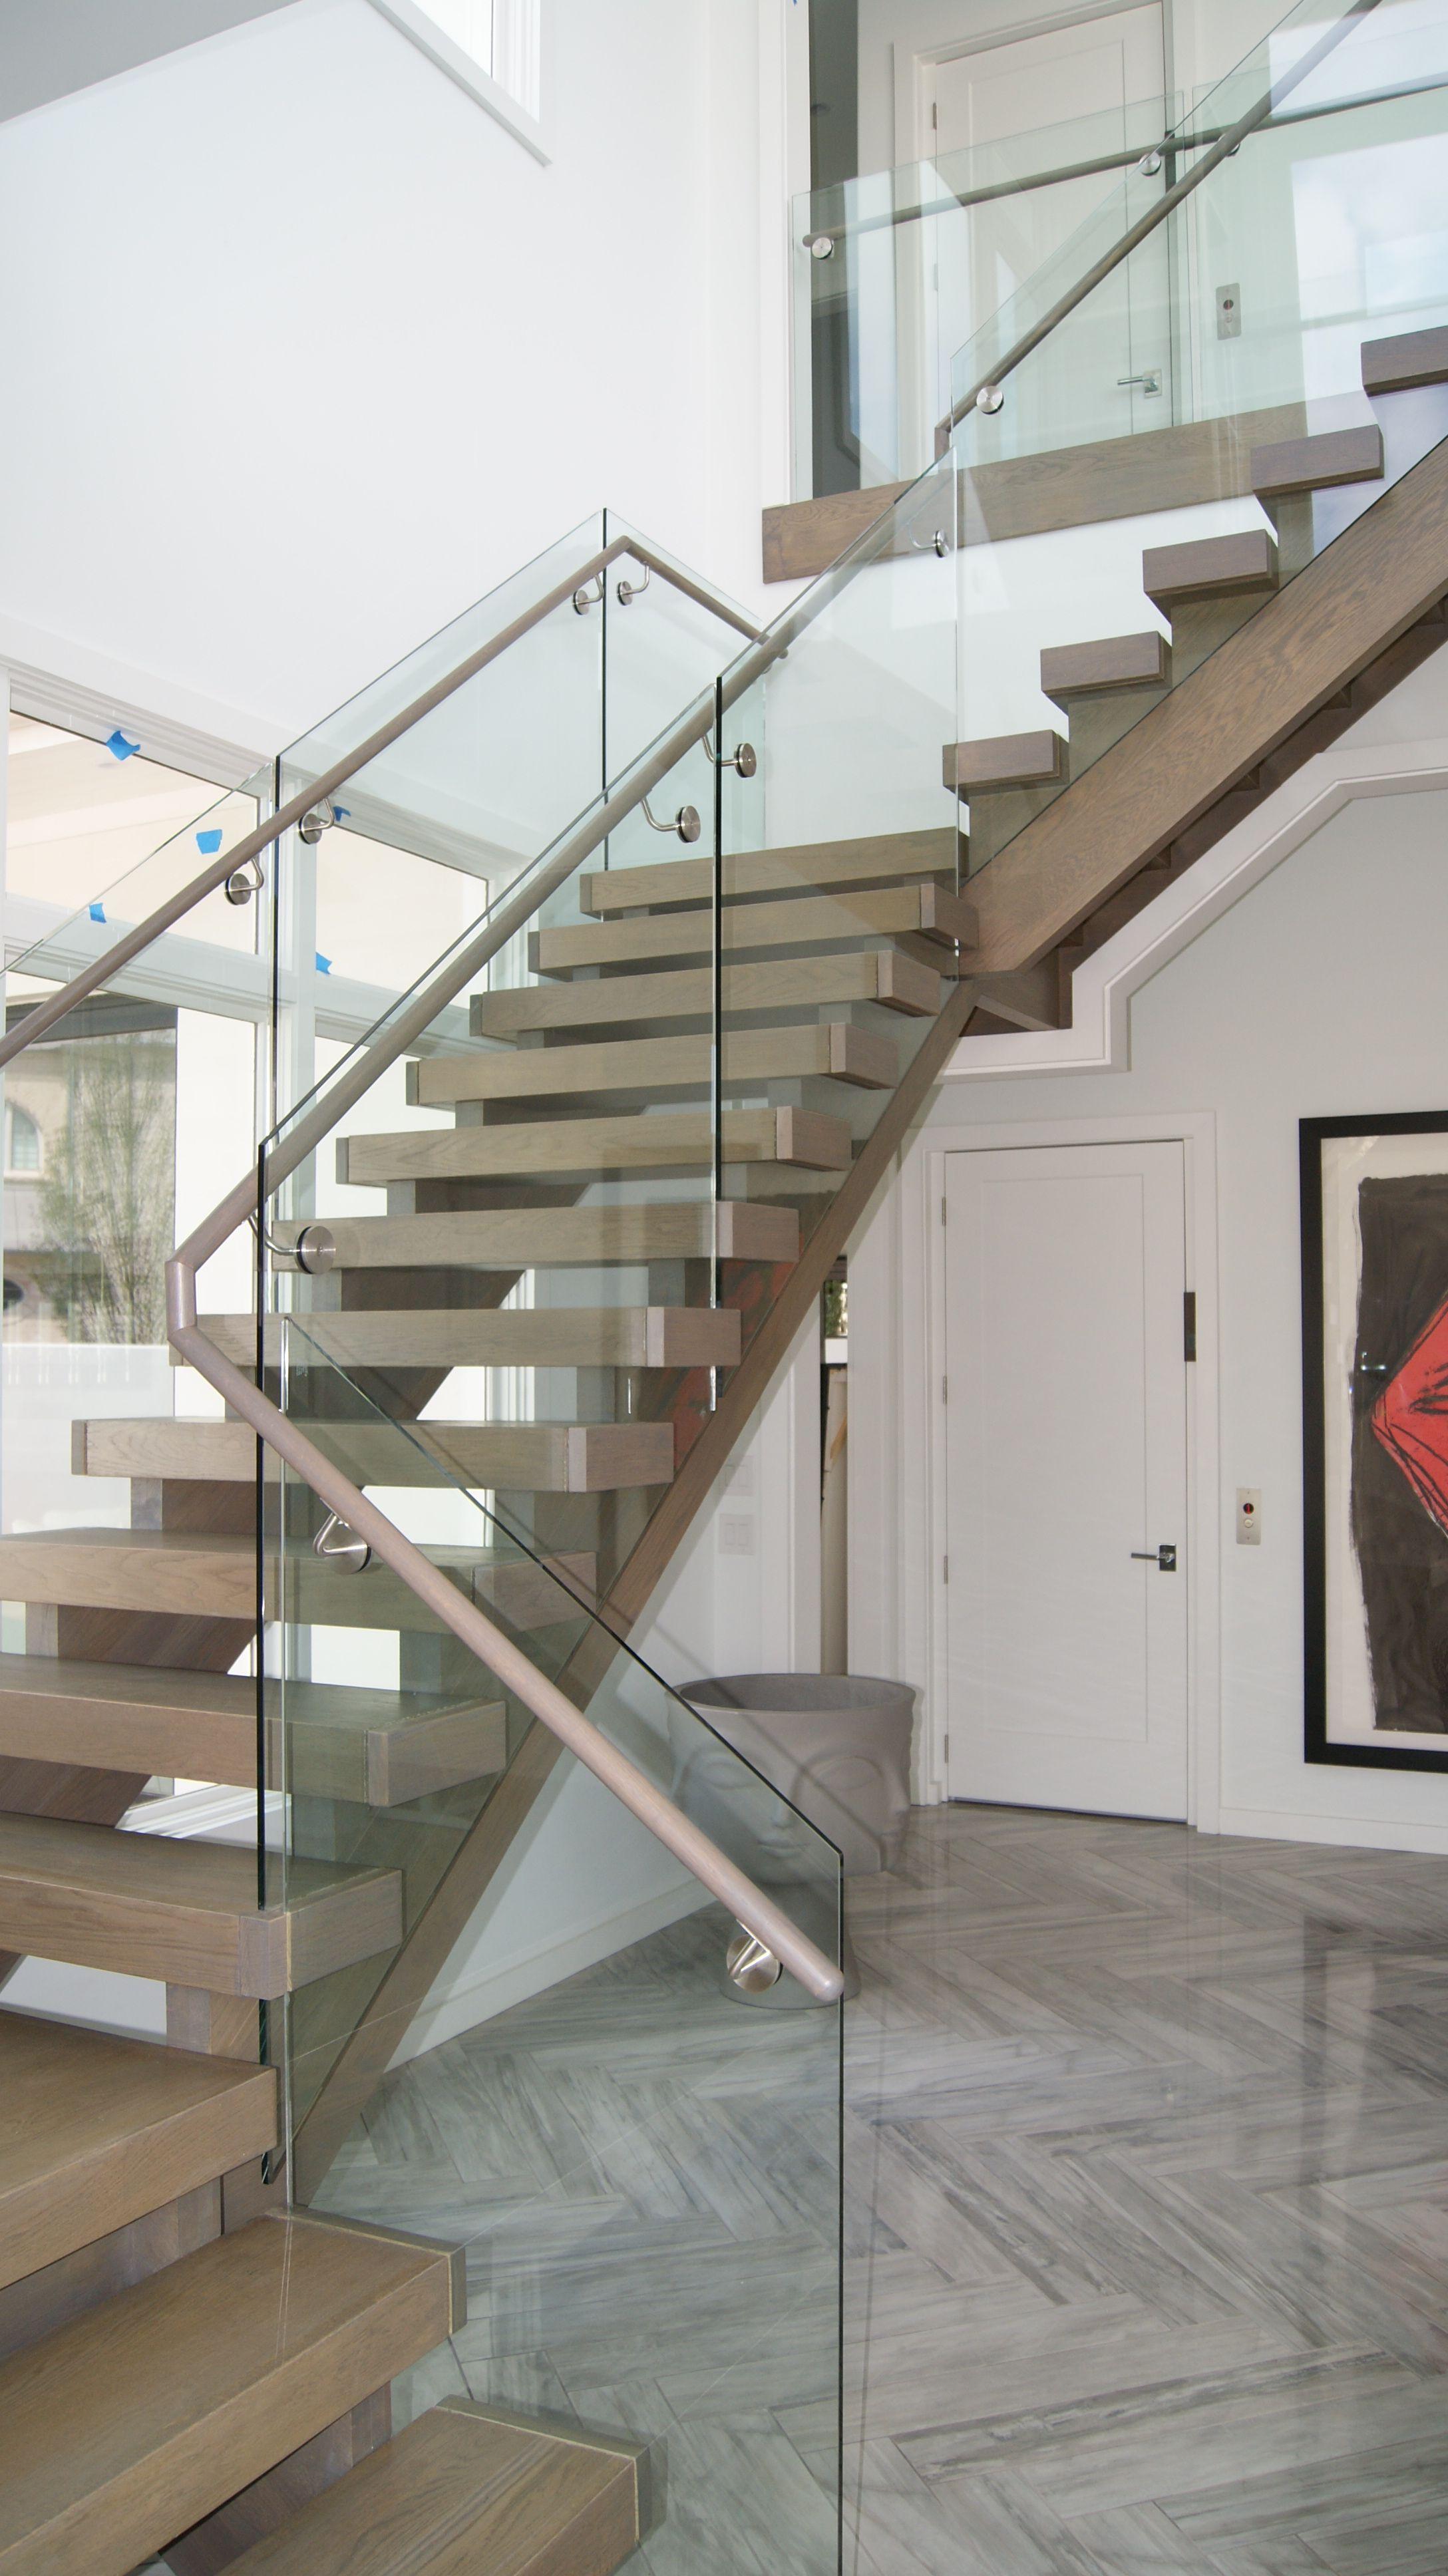 Etonnant Vision Stairways And Millwork